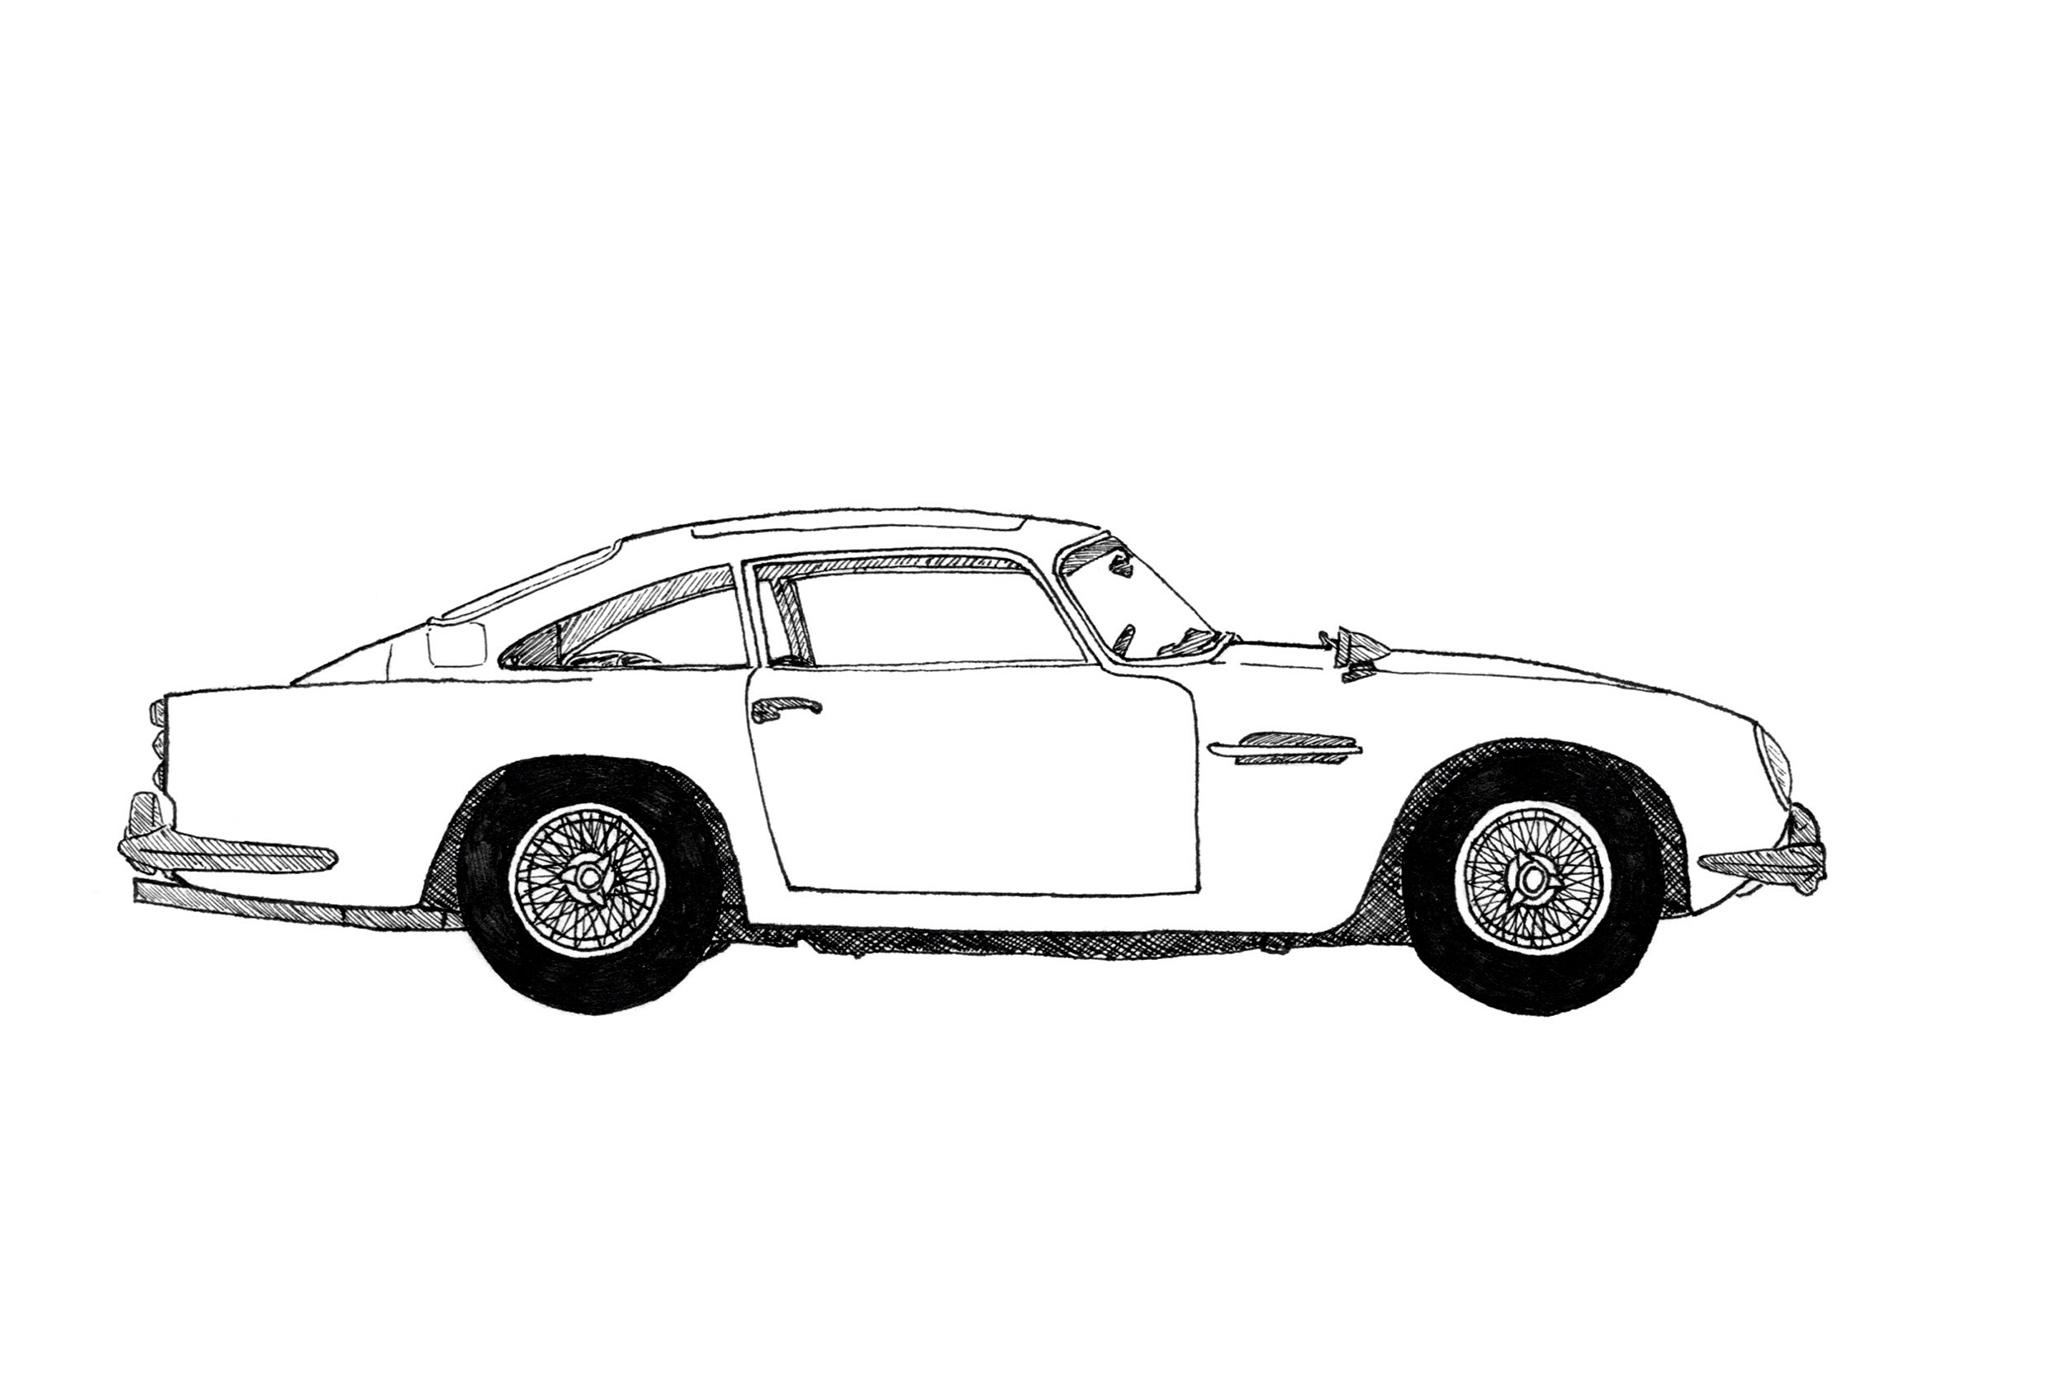 Valentinastand_illustration-Aston-Martin